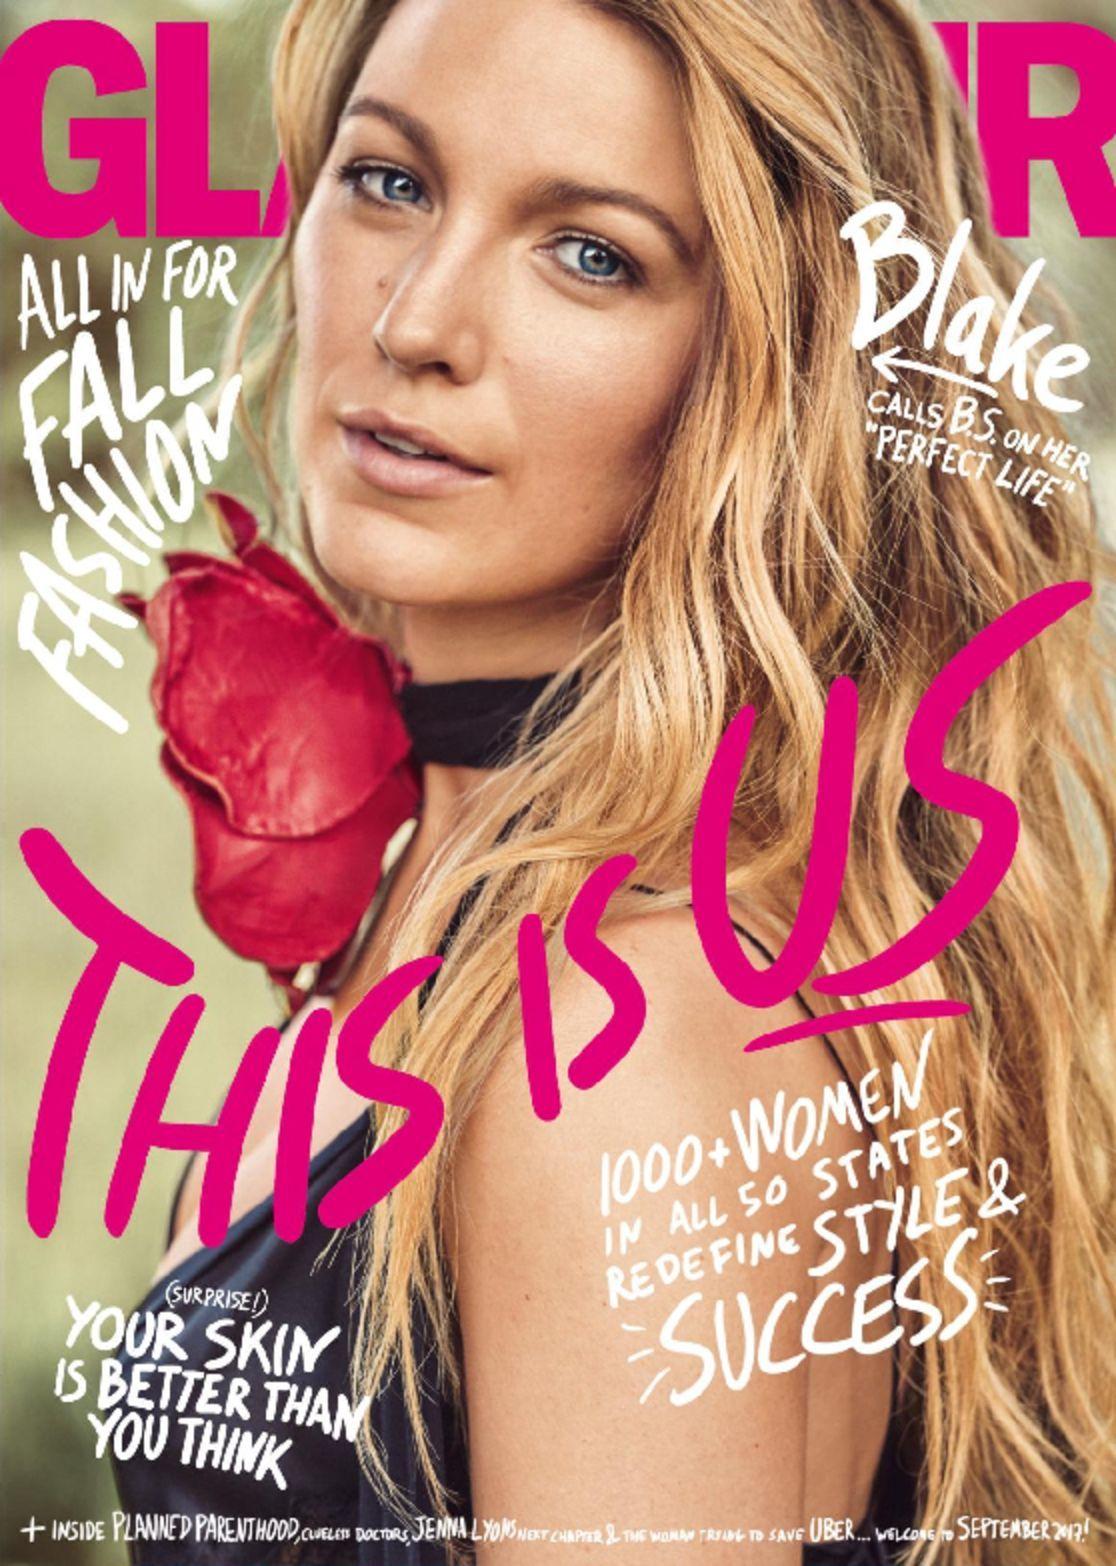 Glamour Magazine | A Glamorous Lifestyle Magazine ...